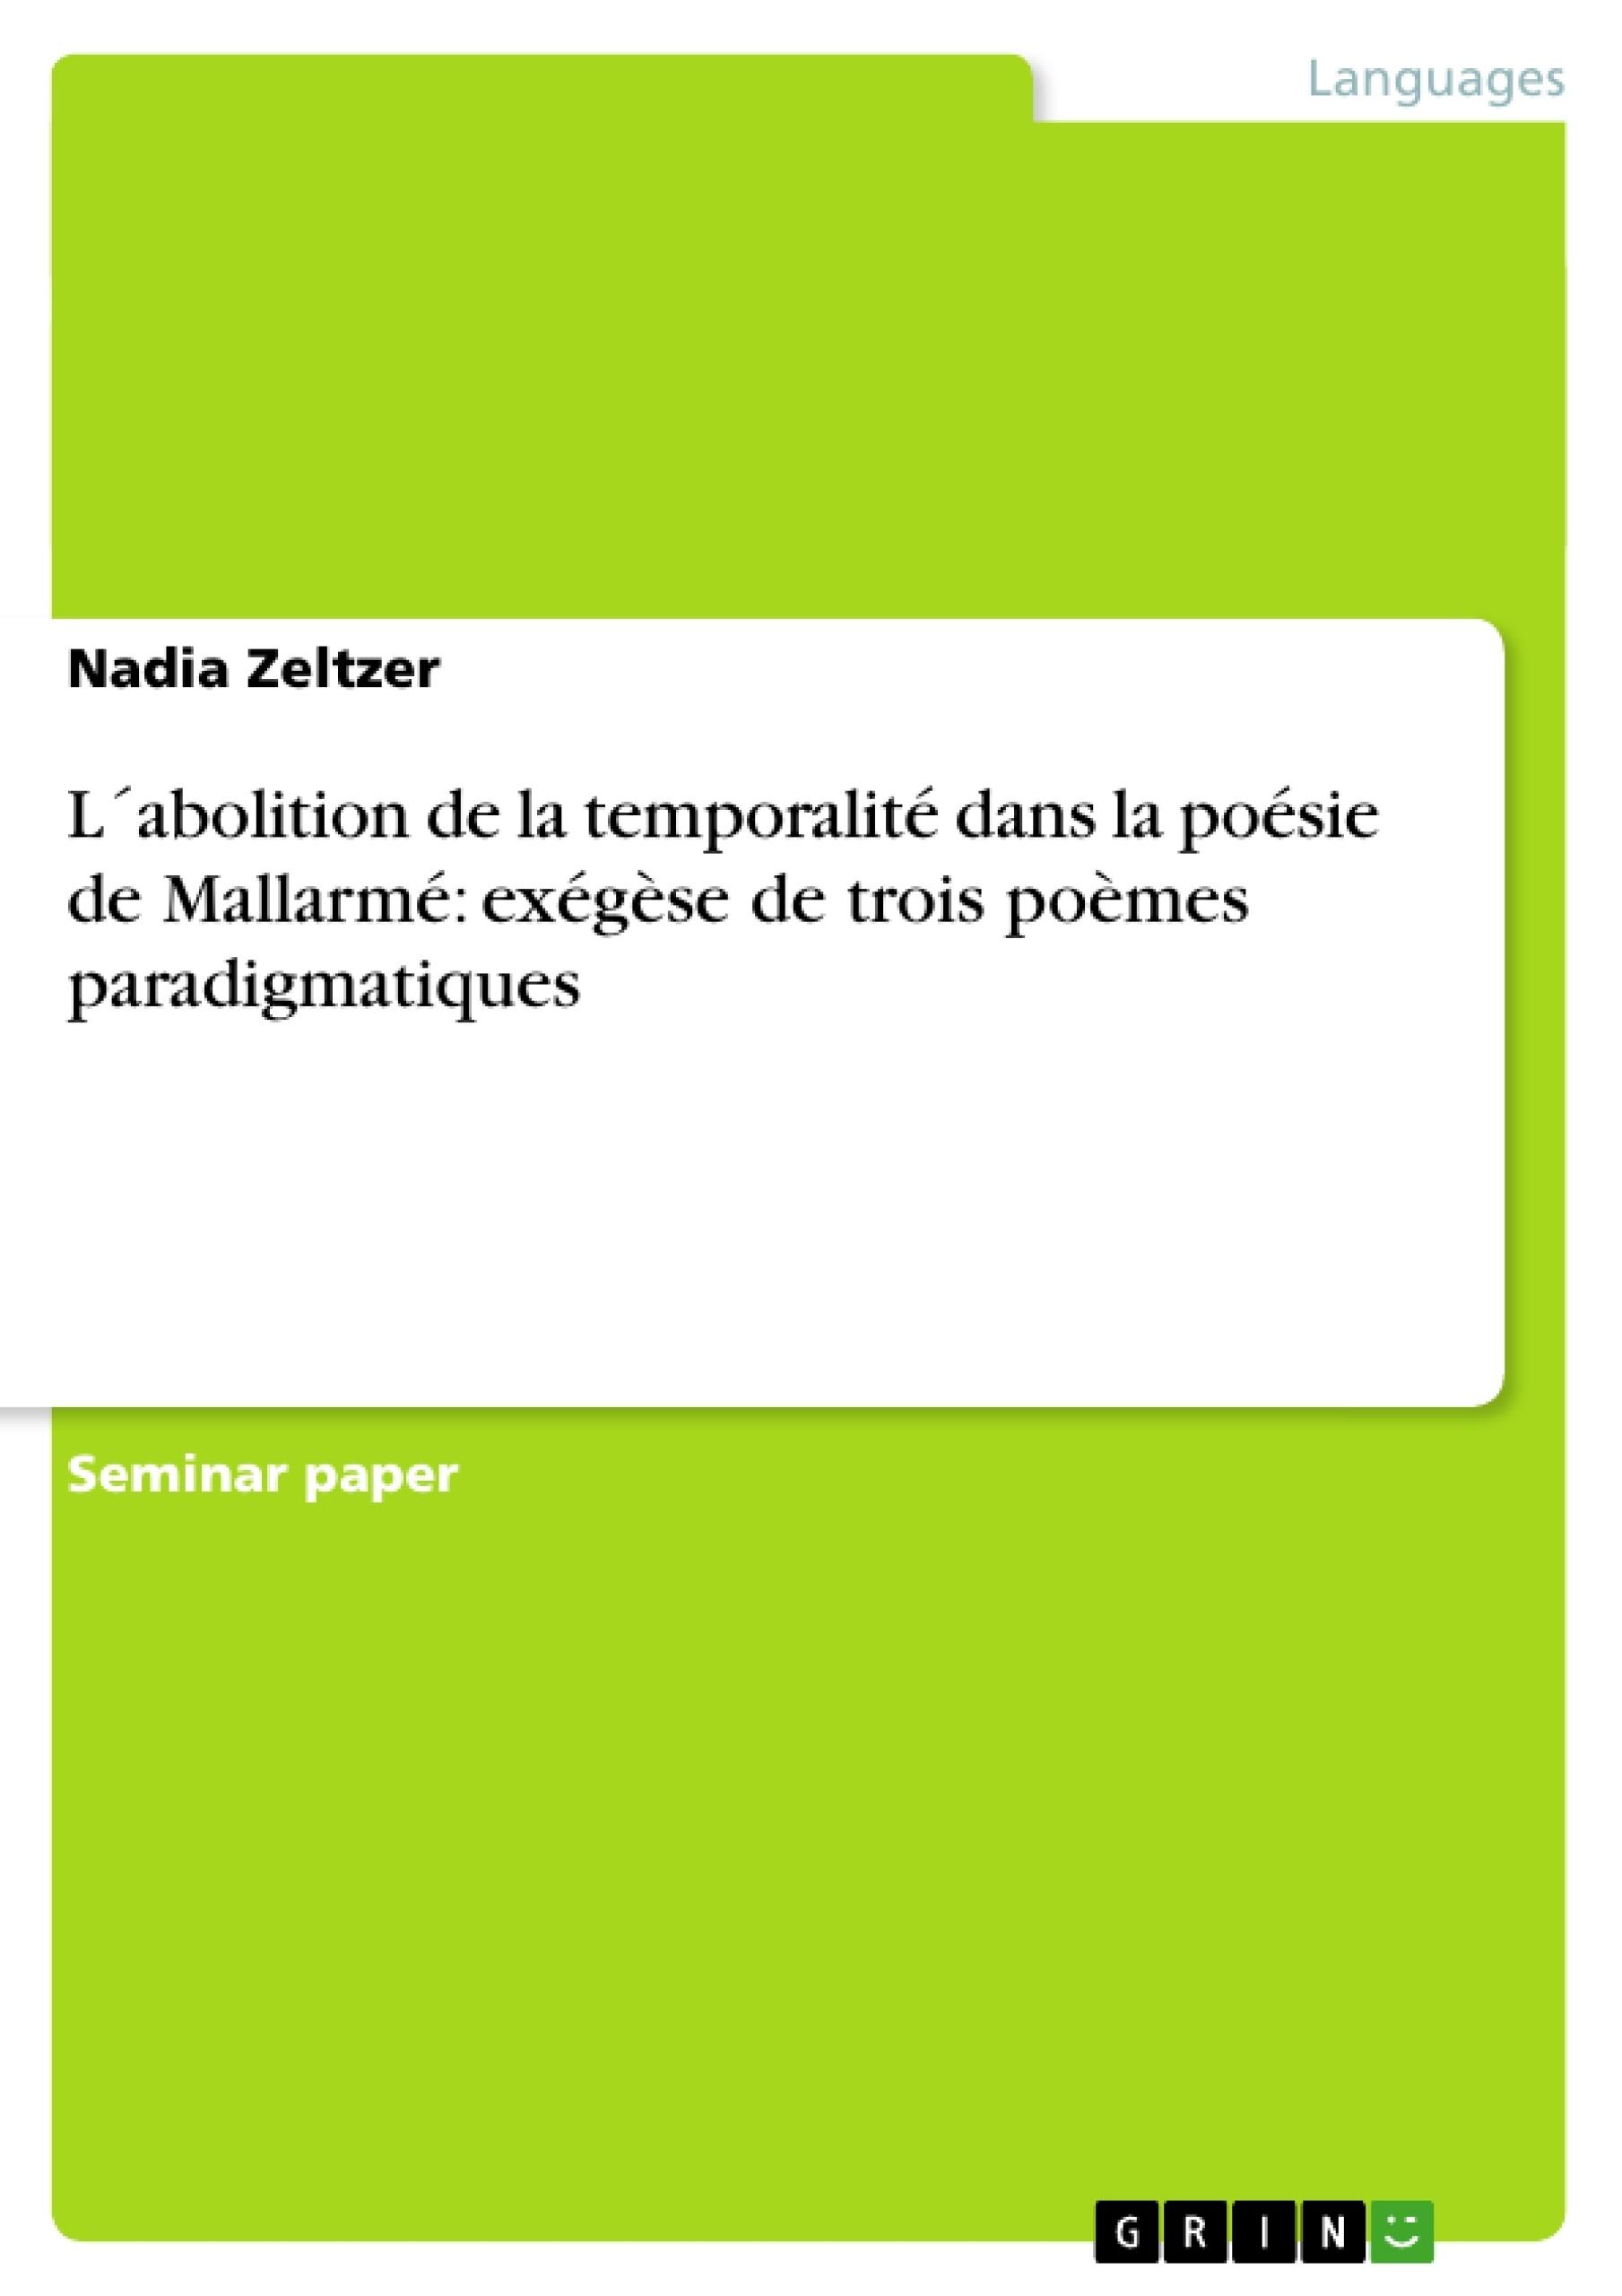 Titre: L´abolition de la temporalité dans la poésie de Mallarmé: exégèse de trois poèmes paradigmatiques